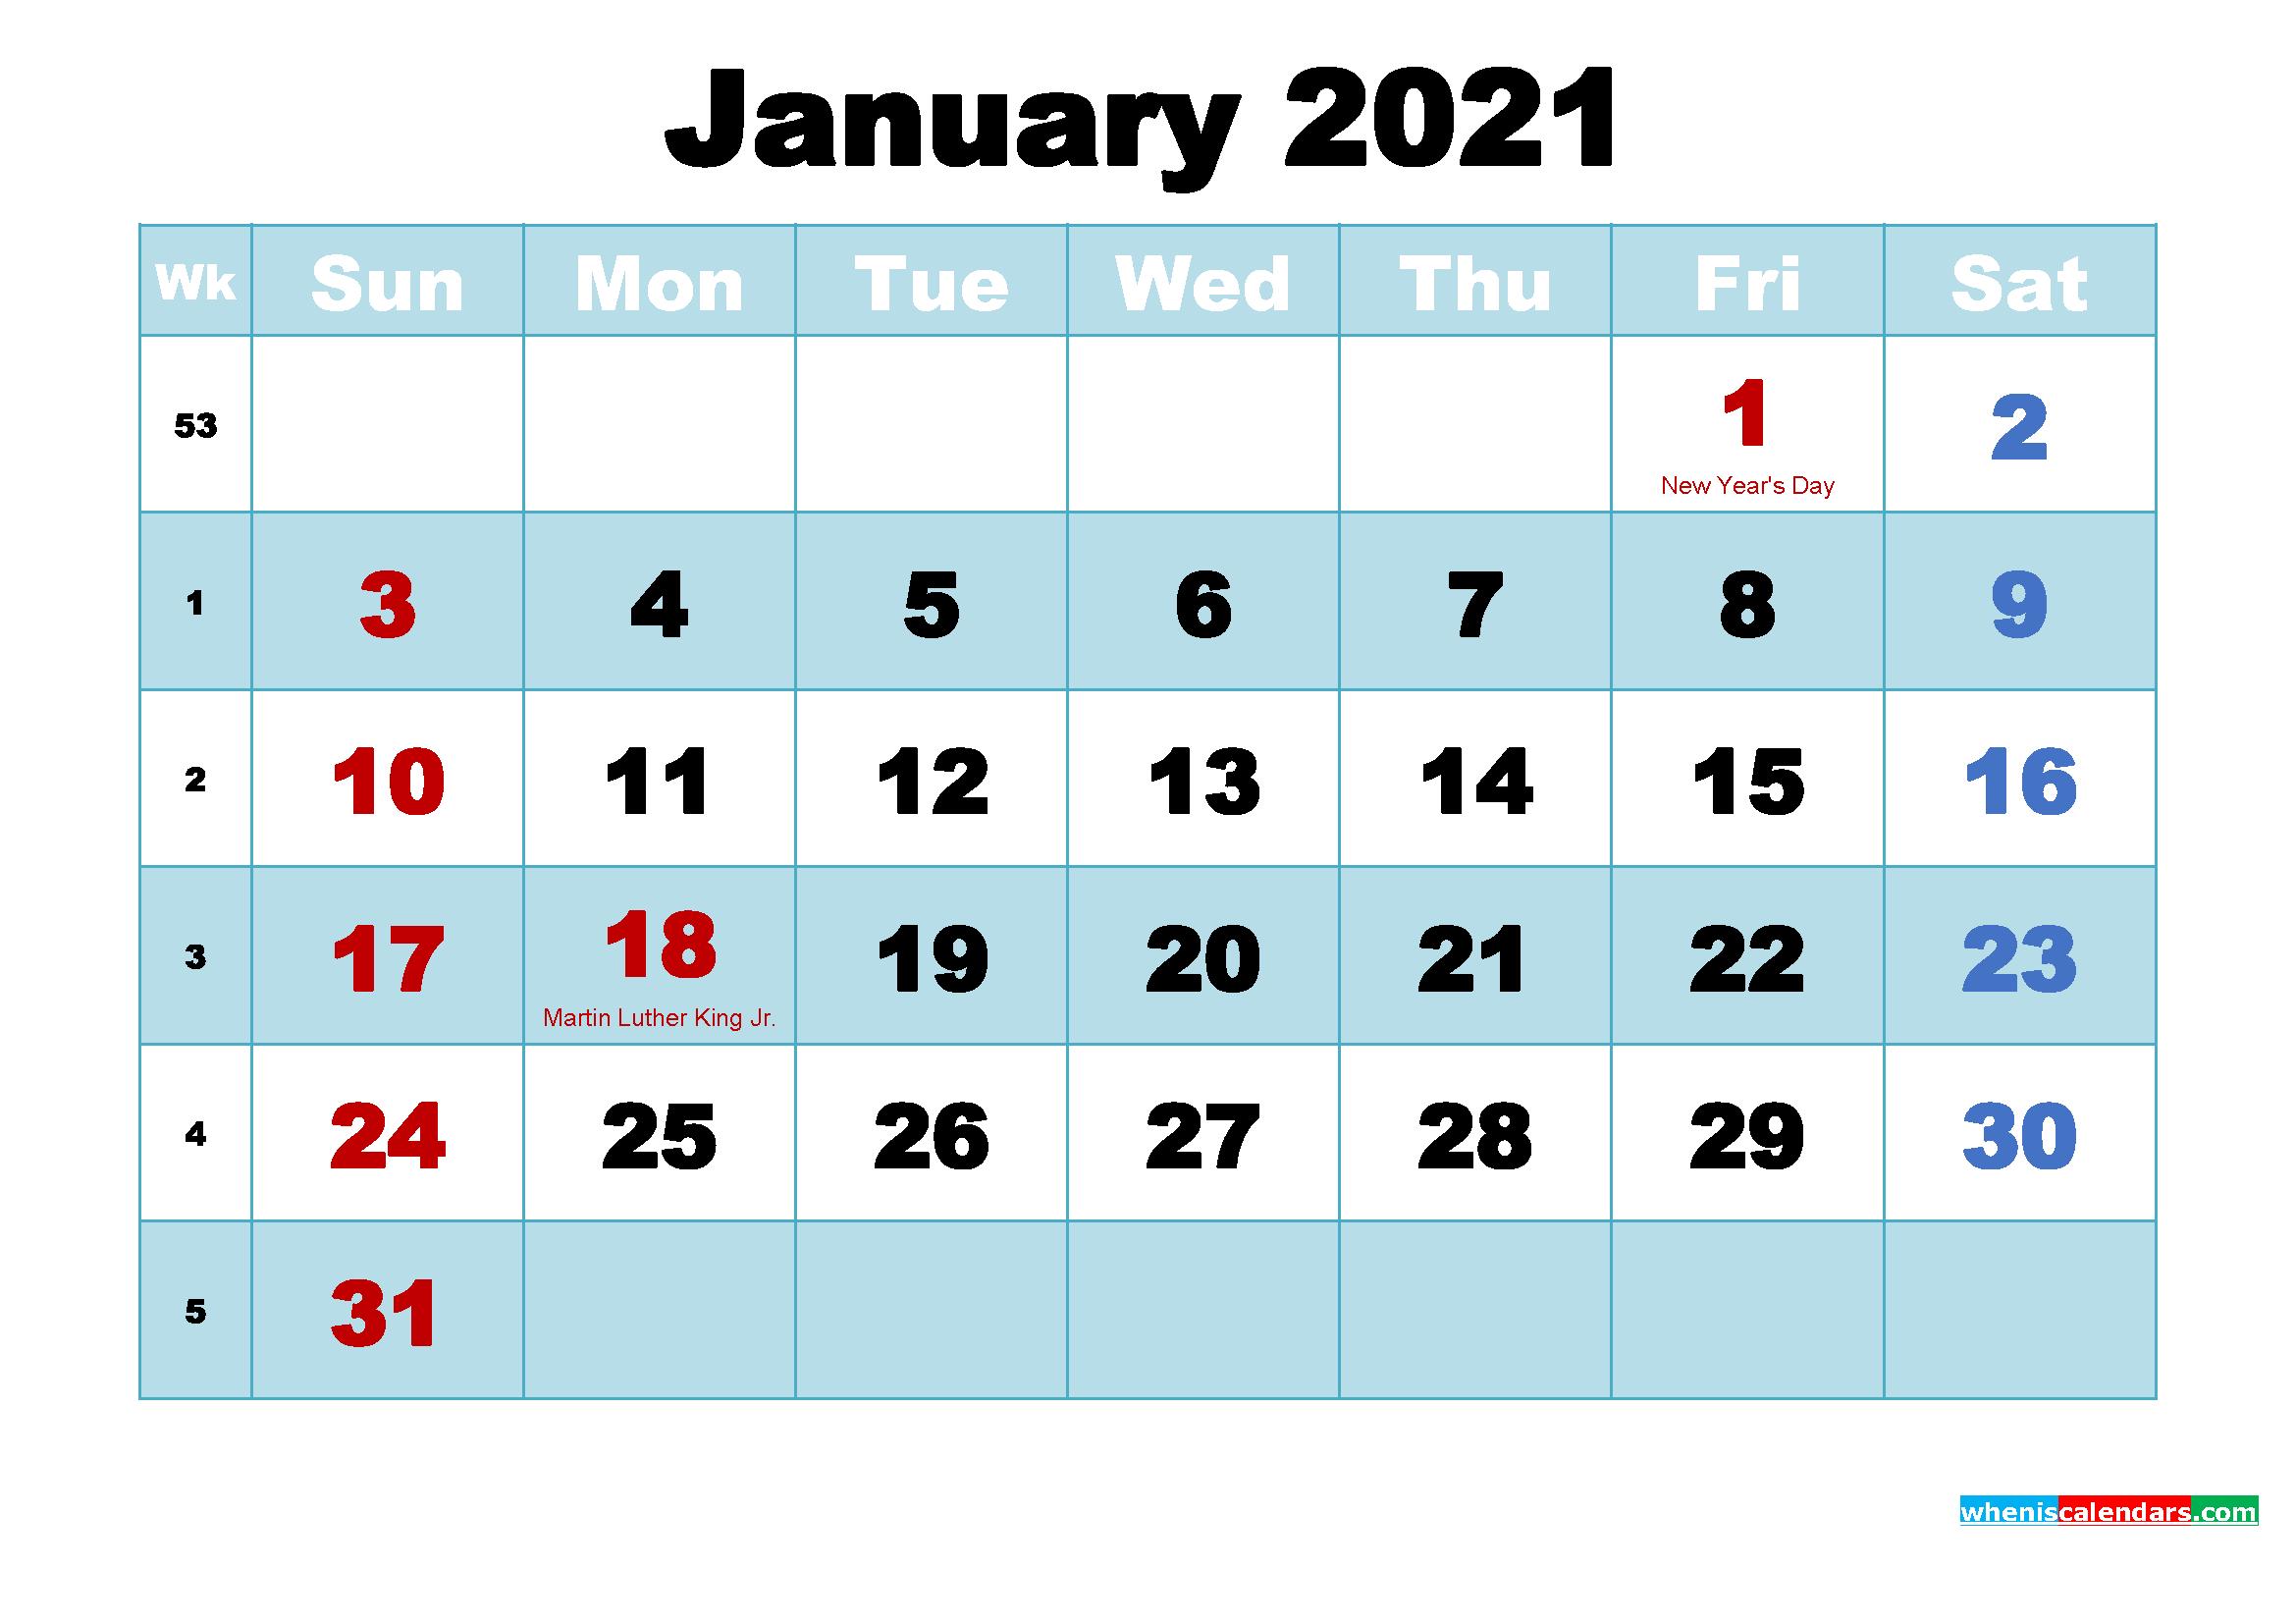 January 2021 Calendar Wallpaper High Resolution